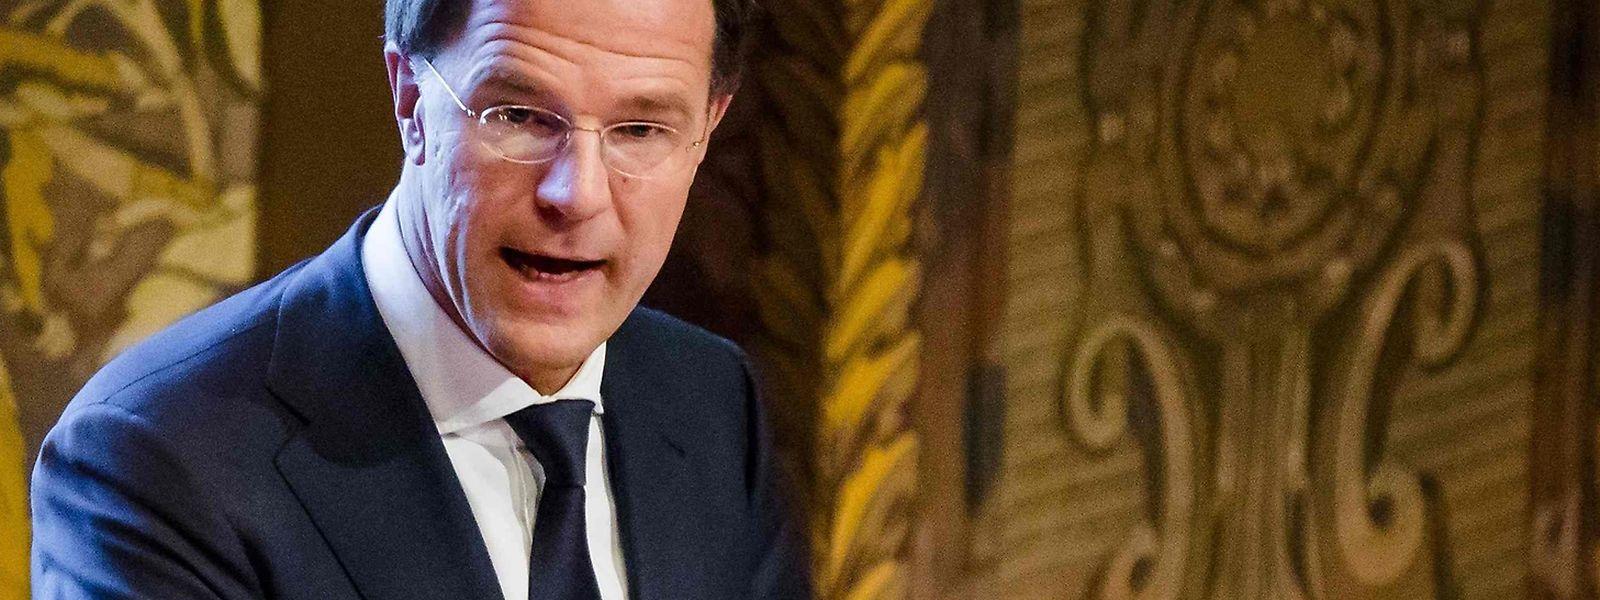 Mark Rutte steht hinter der Idee einer Allianz.